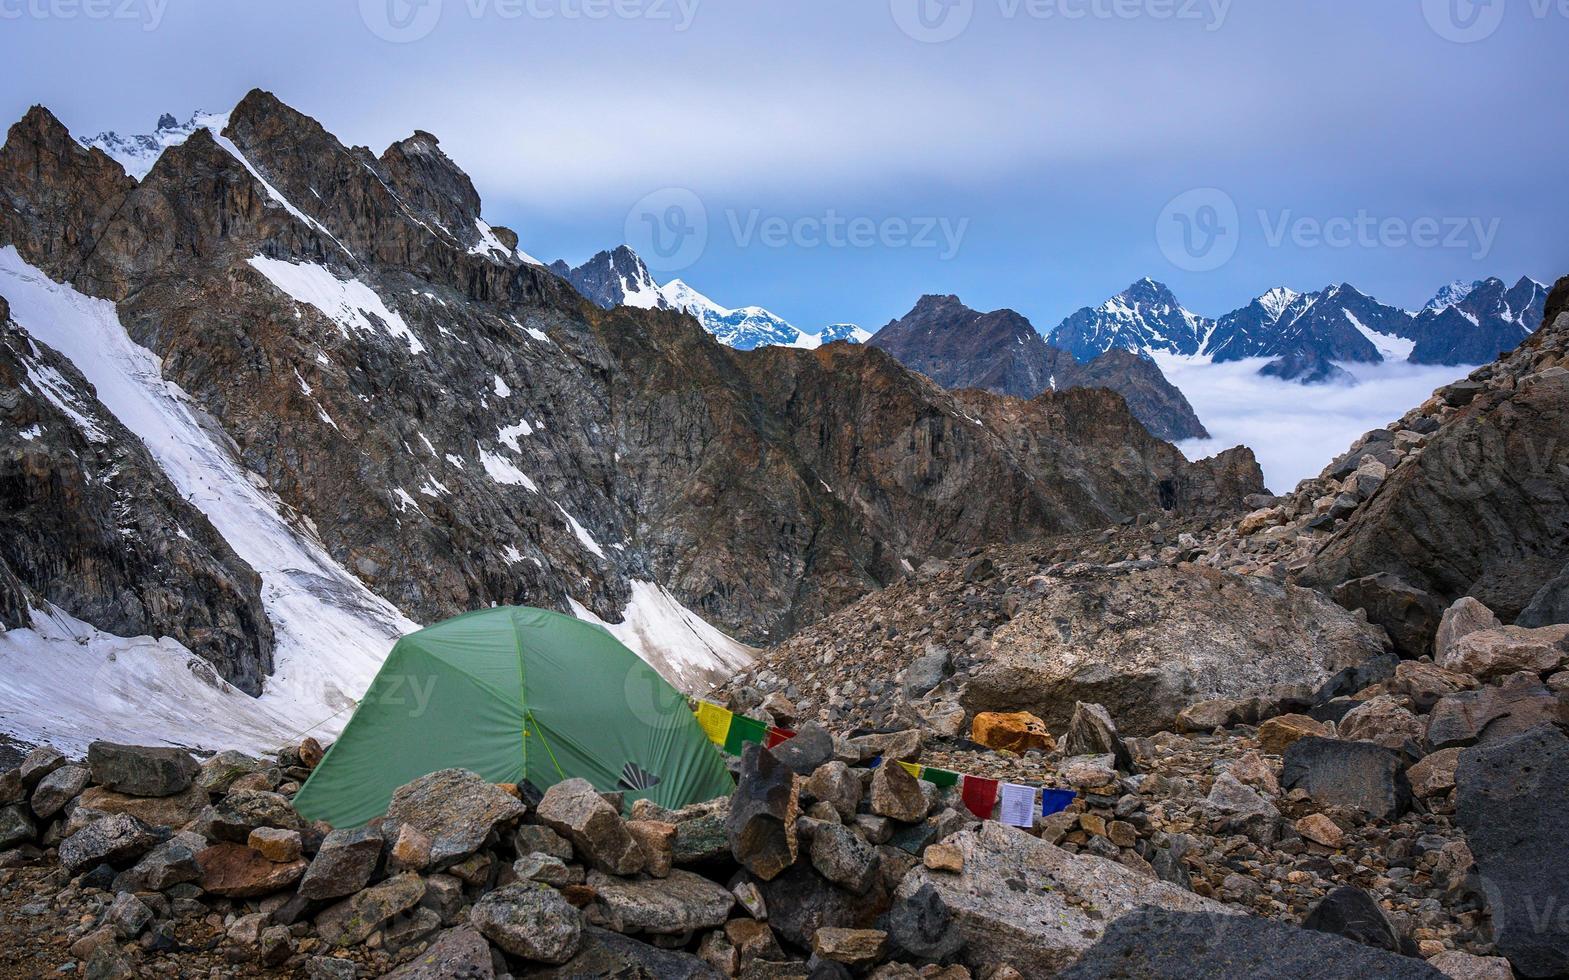 montanhistas solitários acampam em montanhas nevadas muito altas ao lado da geleira. foto